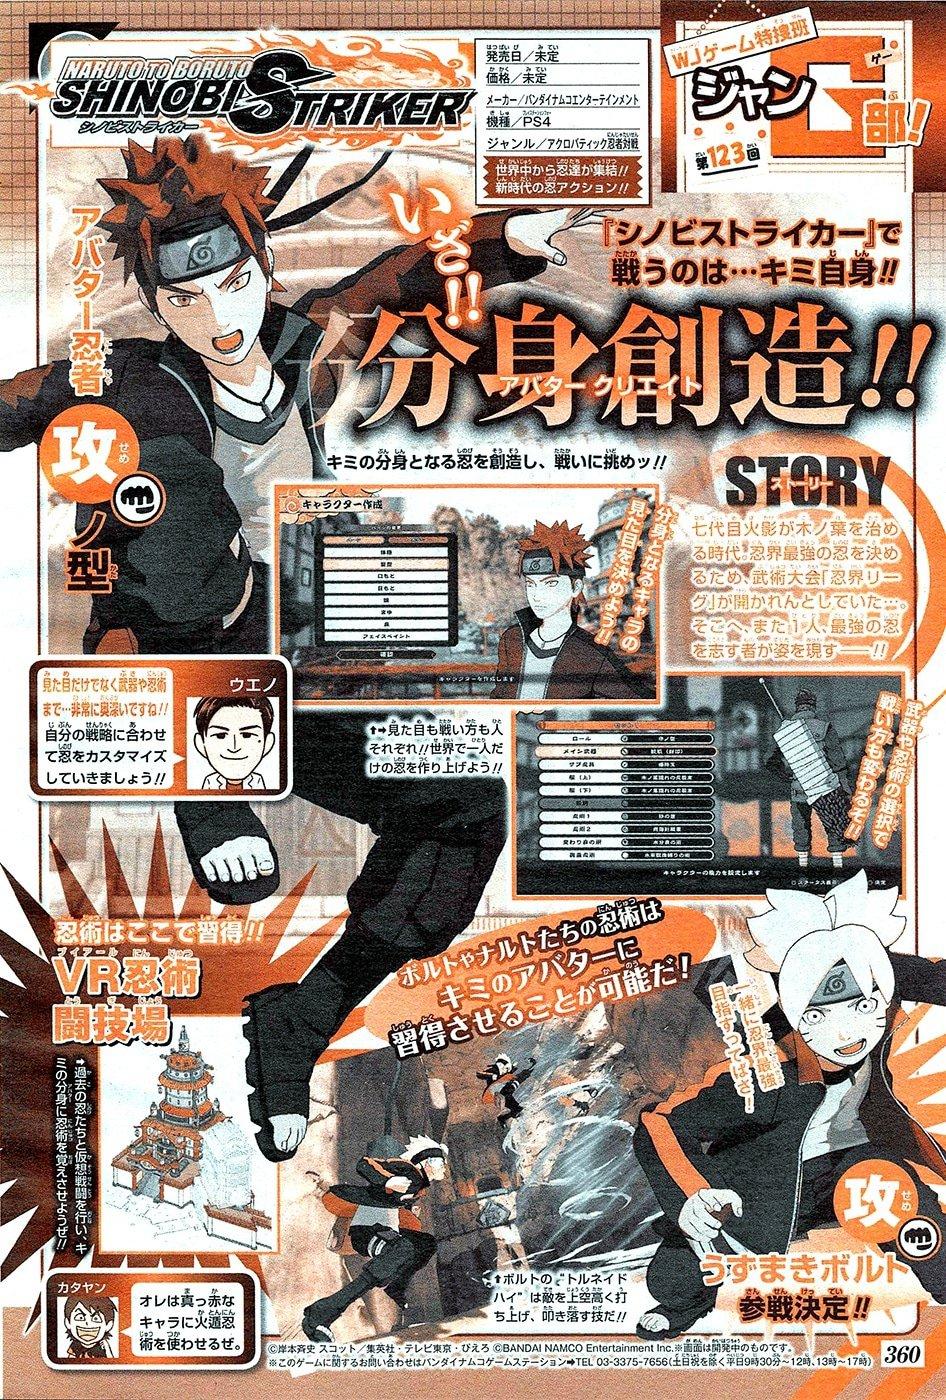 Naruto-to-Boruto-Shinobi-Striker-Scan_08-03-17